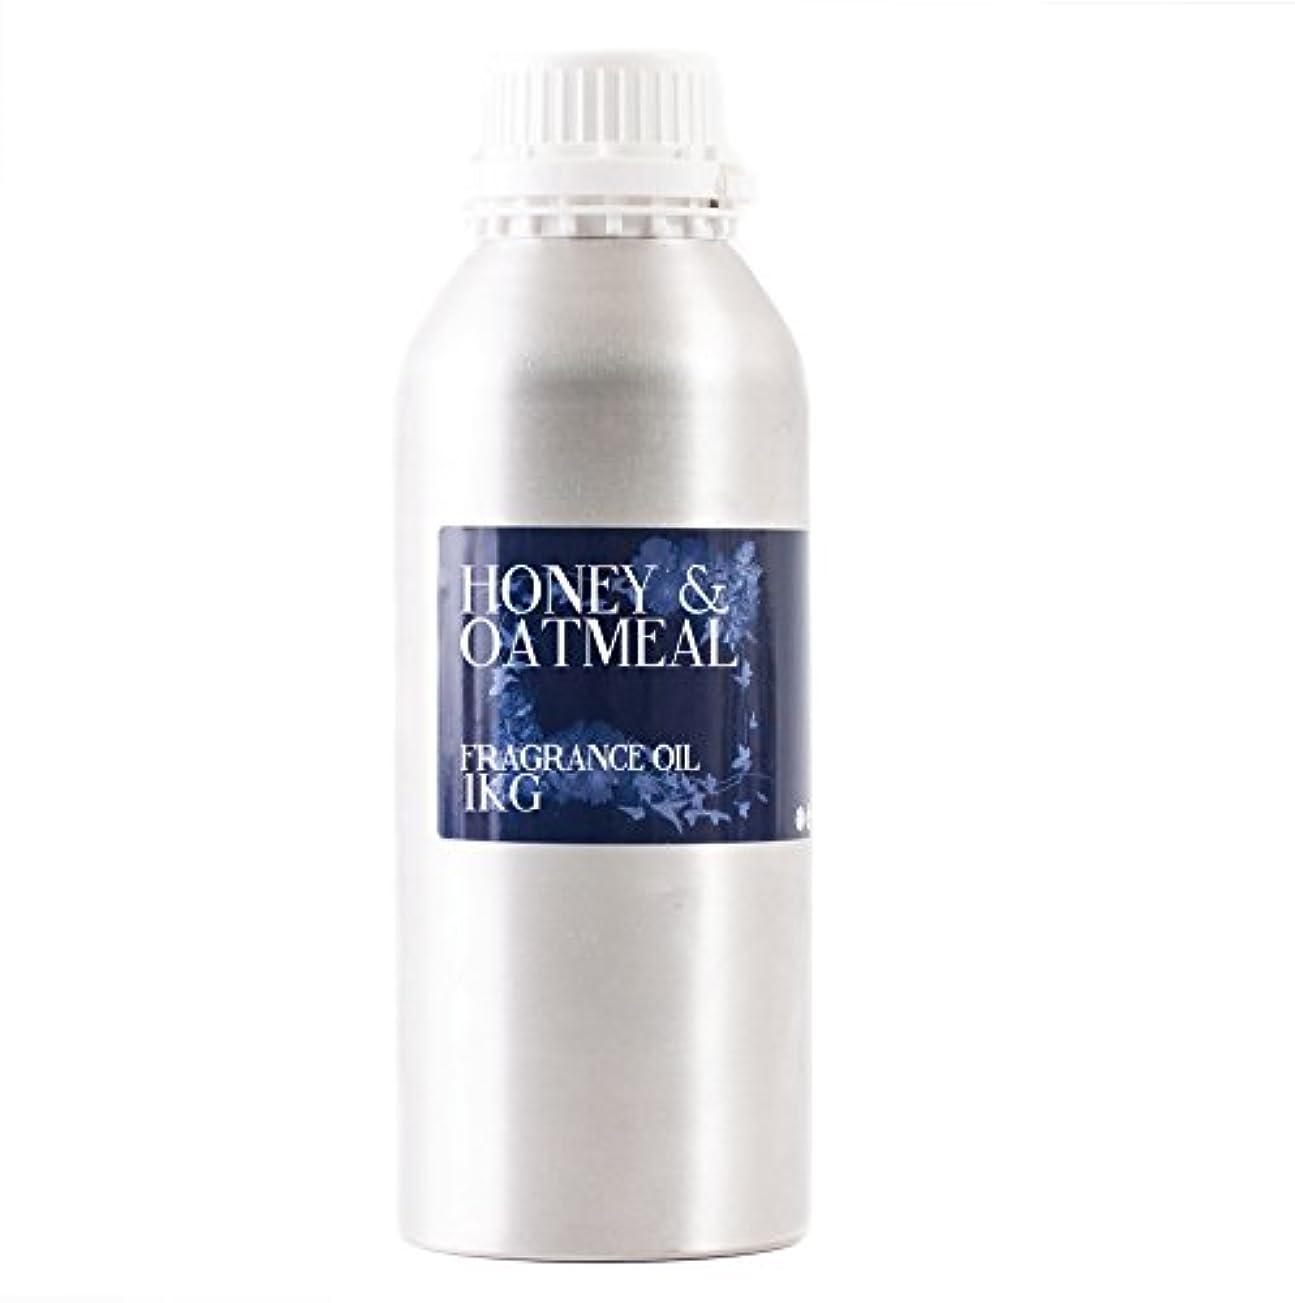 振るうダーツインフレーションMystic Moments | Honey & Oatmeal Fragrance Oil - 1Kg